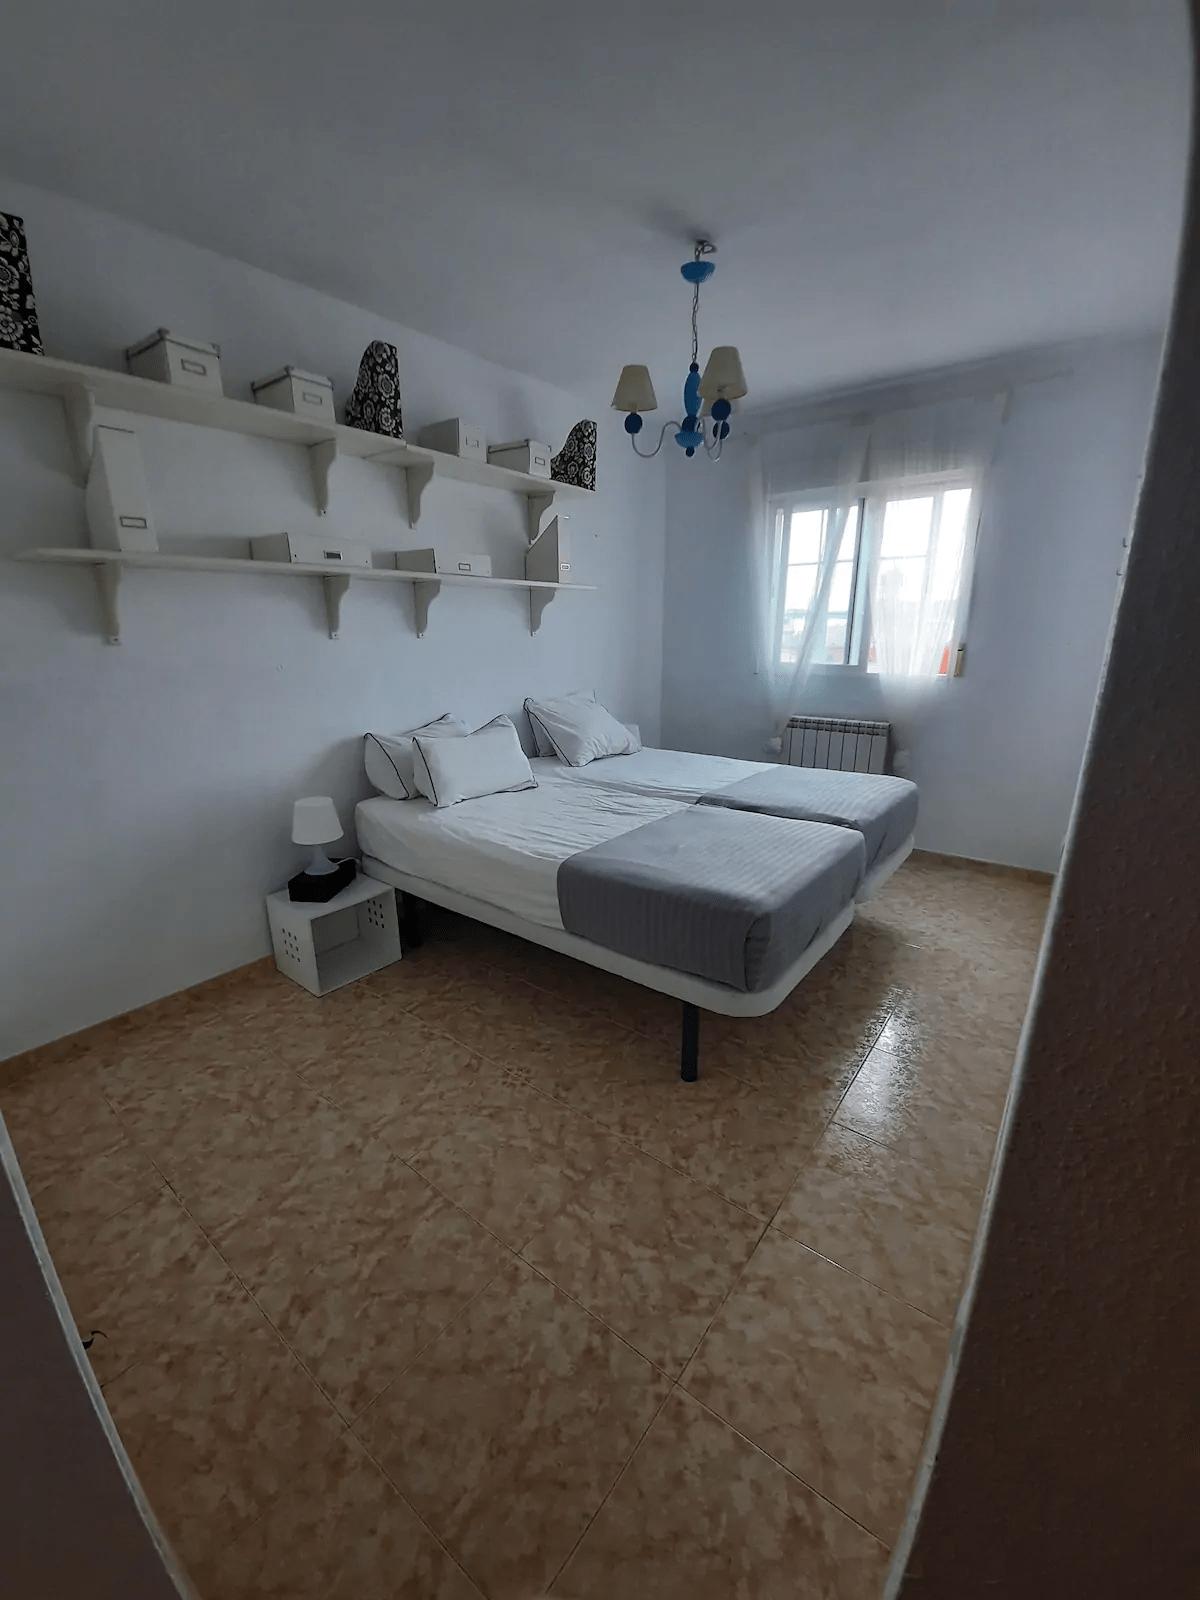 Espaciosa casa en las afueras de Madrid